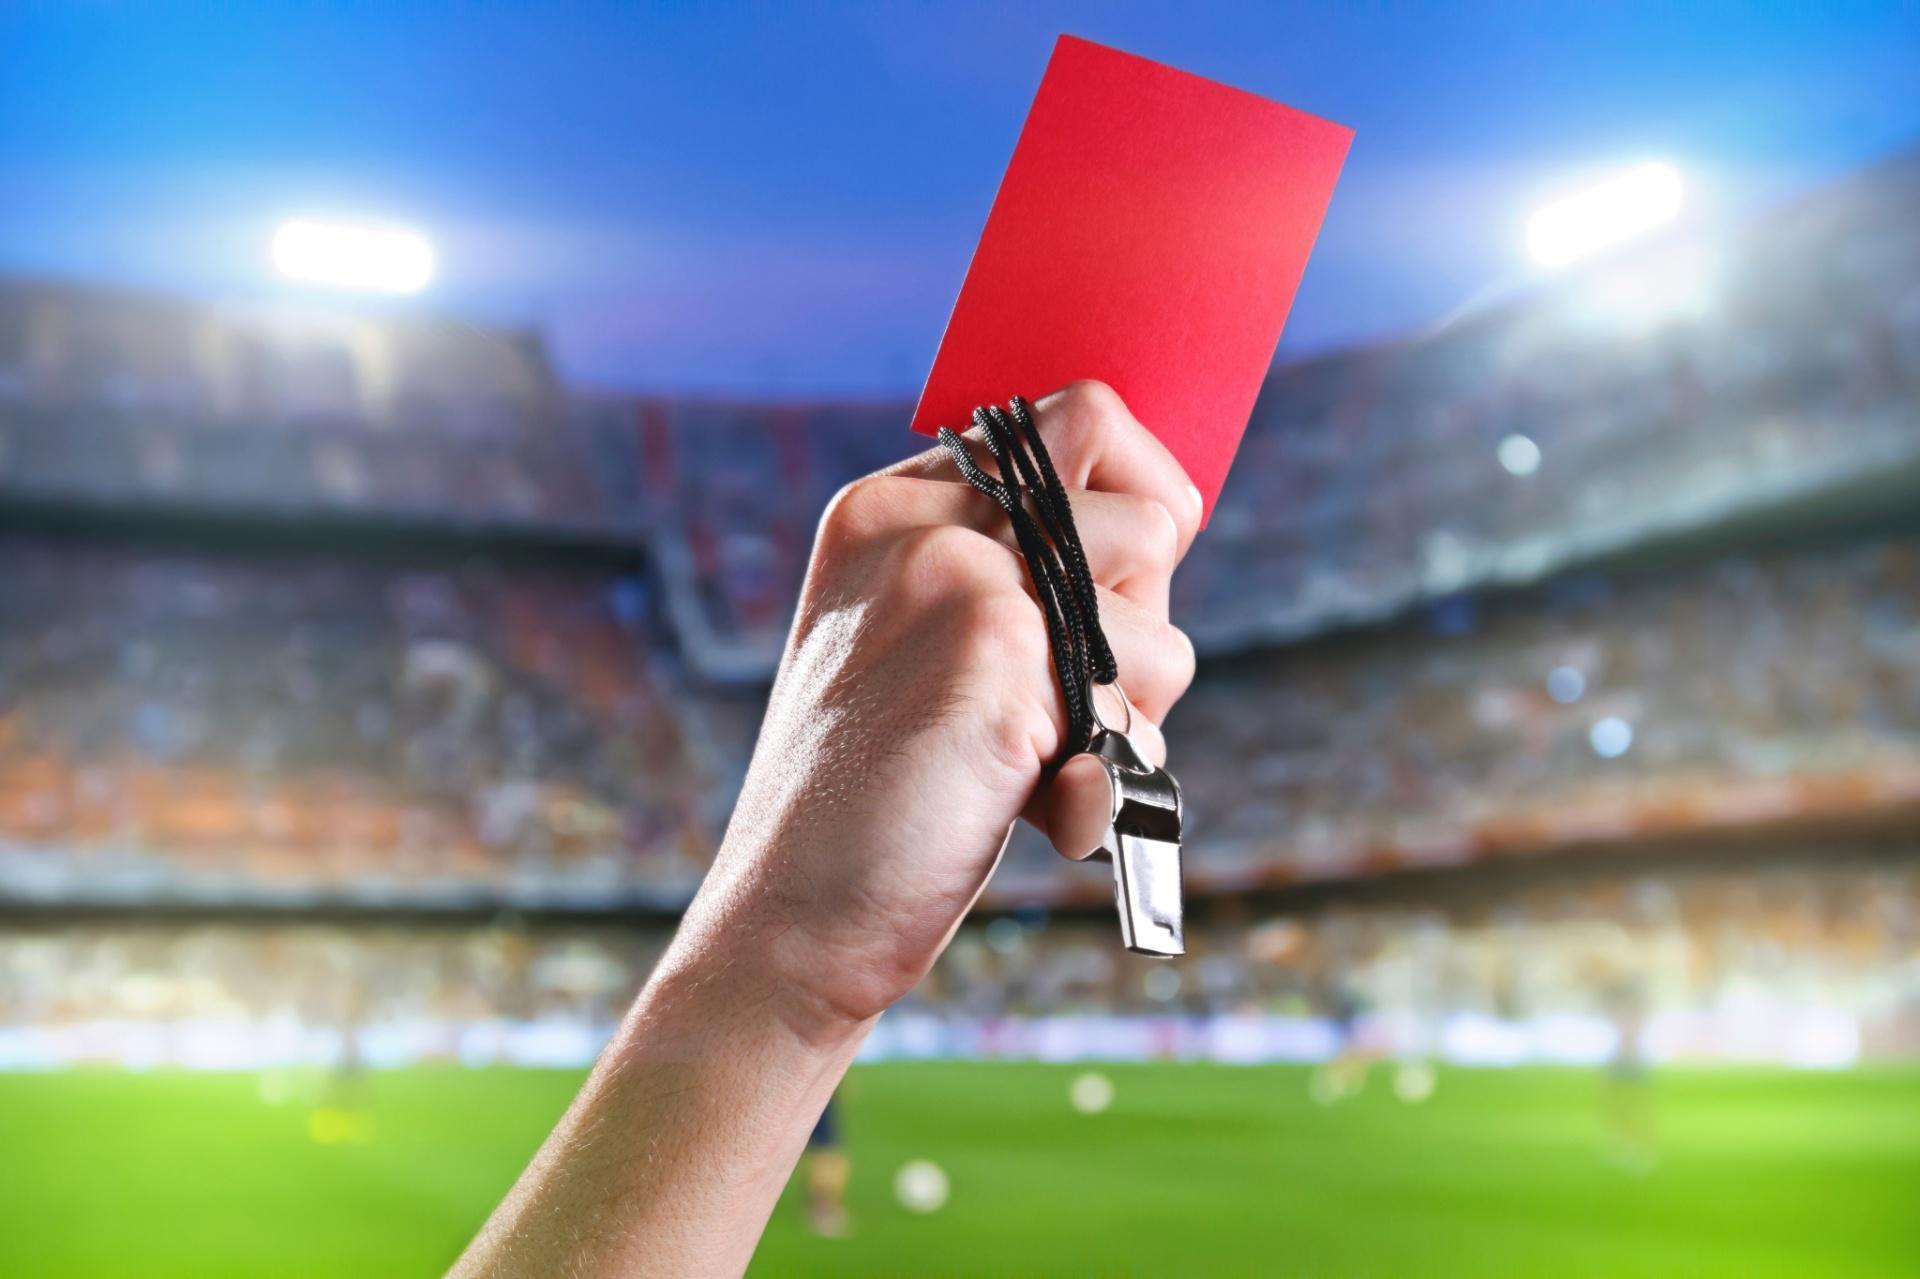 """""""Pra cego ver"""": na foto ilustrativa temos um foto não-verbal com um braço com um cartão vermelho à mão para jogadores suspensos"""